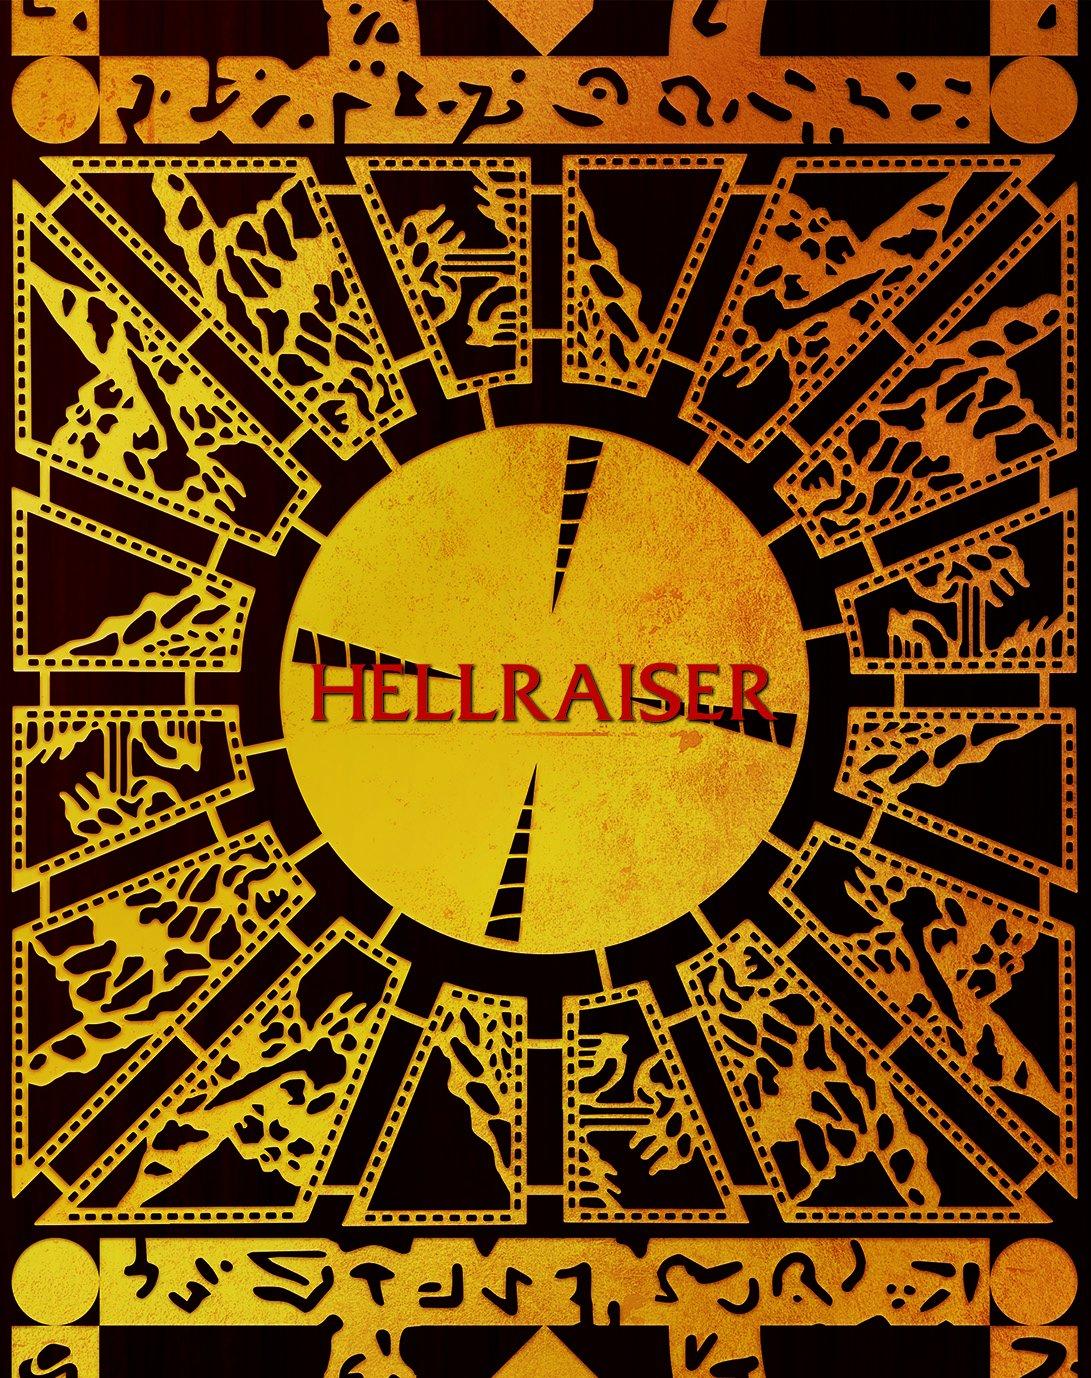 ヘルレイザー1,2,3 最終盤HDニューマスター版 [Blu-ray] B01M9CLYNU